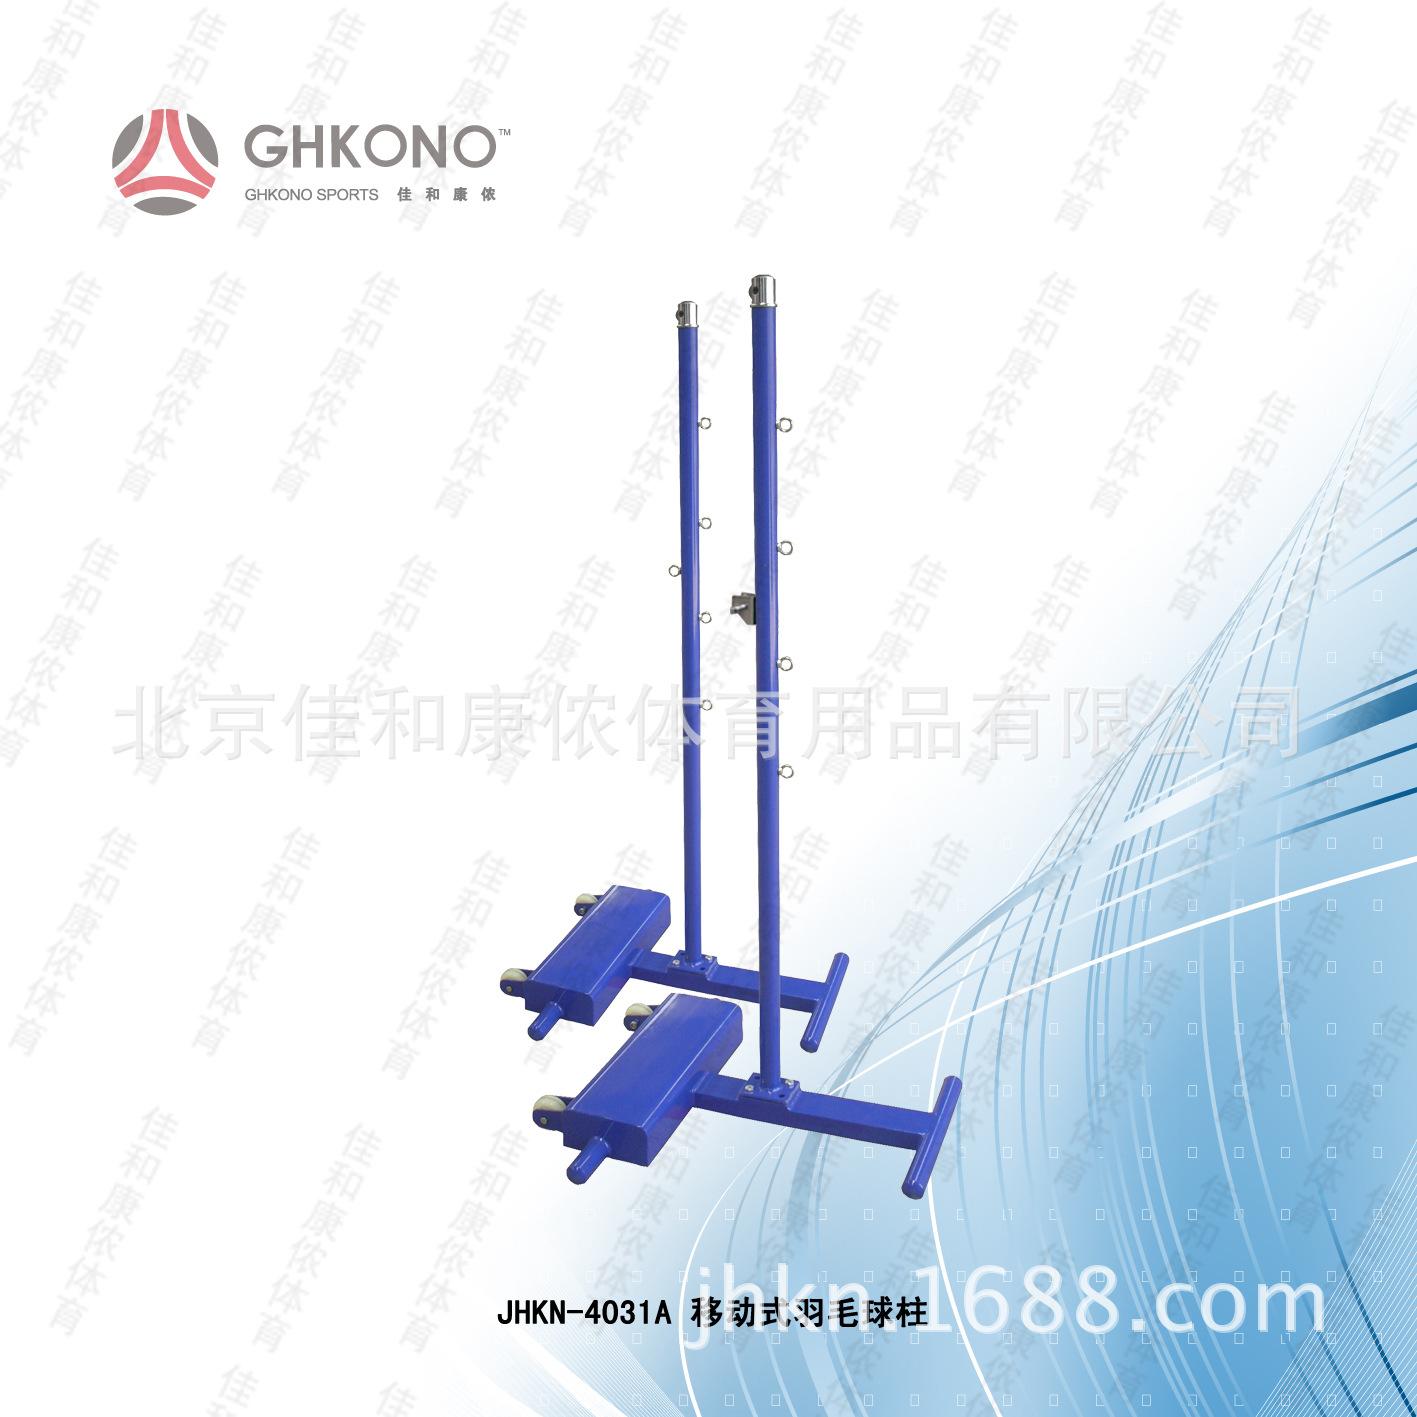 供应 JHKN-4031A 移动式羽毛球柱 羽毛球架 移动式羽毛球网架